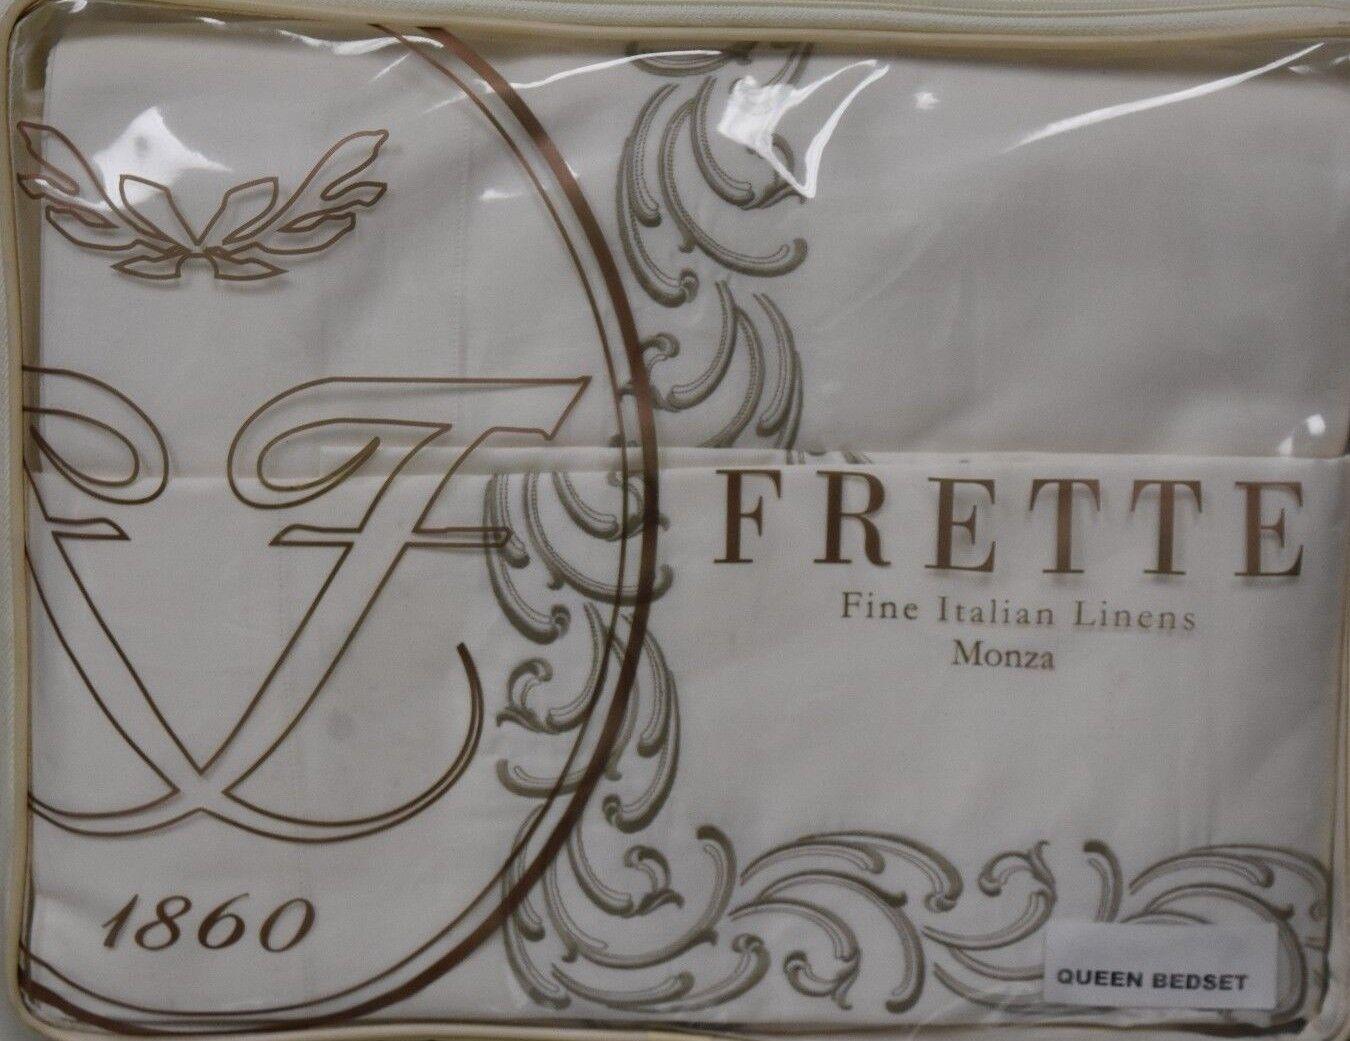 2750 Neu Frette Gotico Ricamo Balconnet Bestickt Bezüge Blatt Bett 4 Stück Set